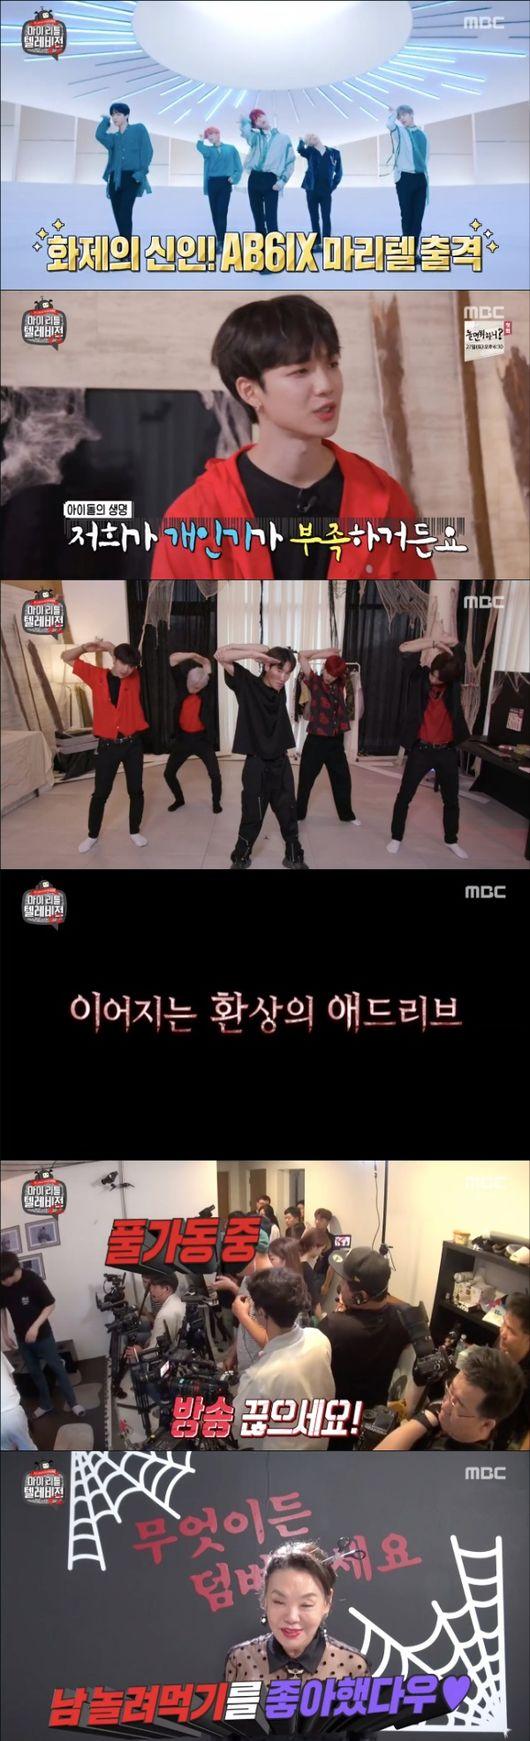 [사진=MBC 방송화면] '마이 리틀 텔레비전 V2' 납량특집에 출연한 AB6IX와 김수미